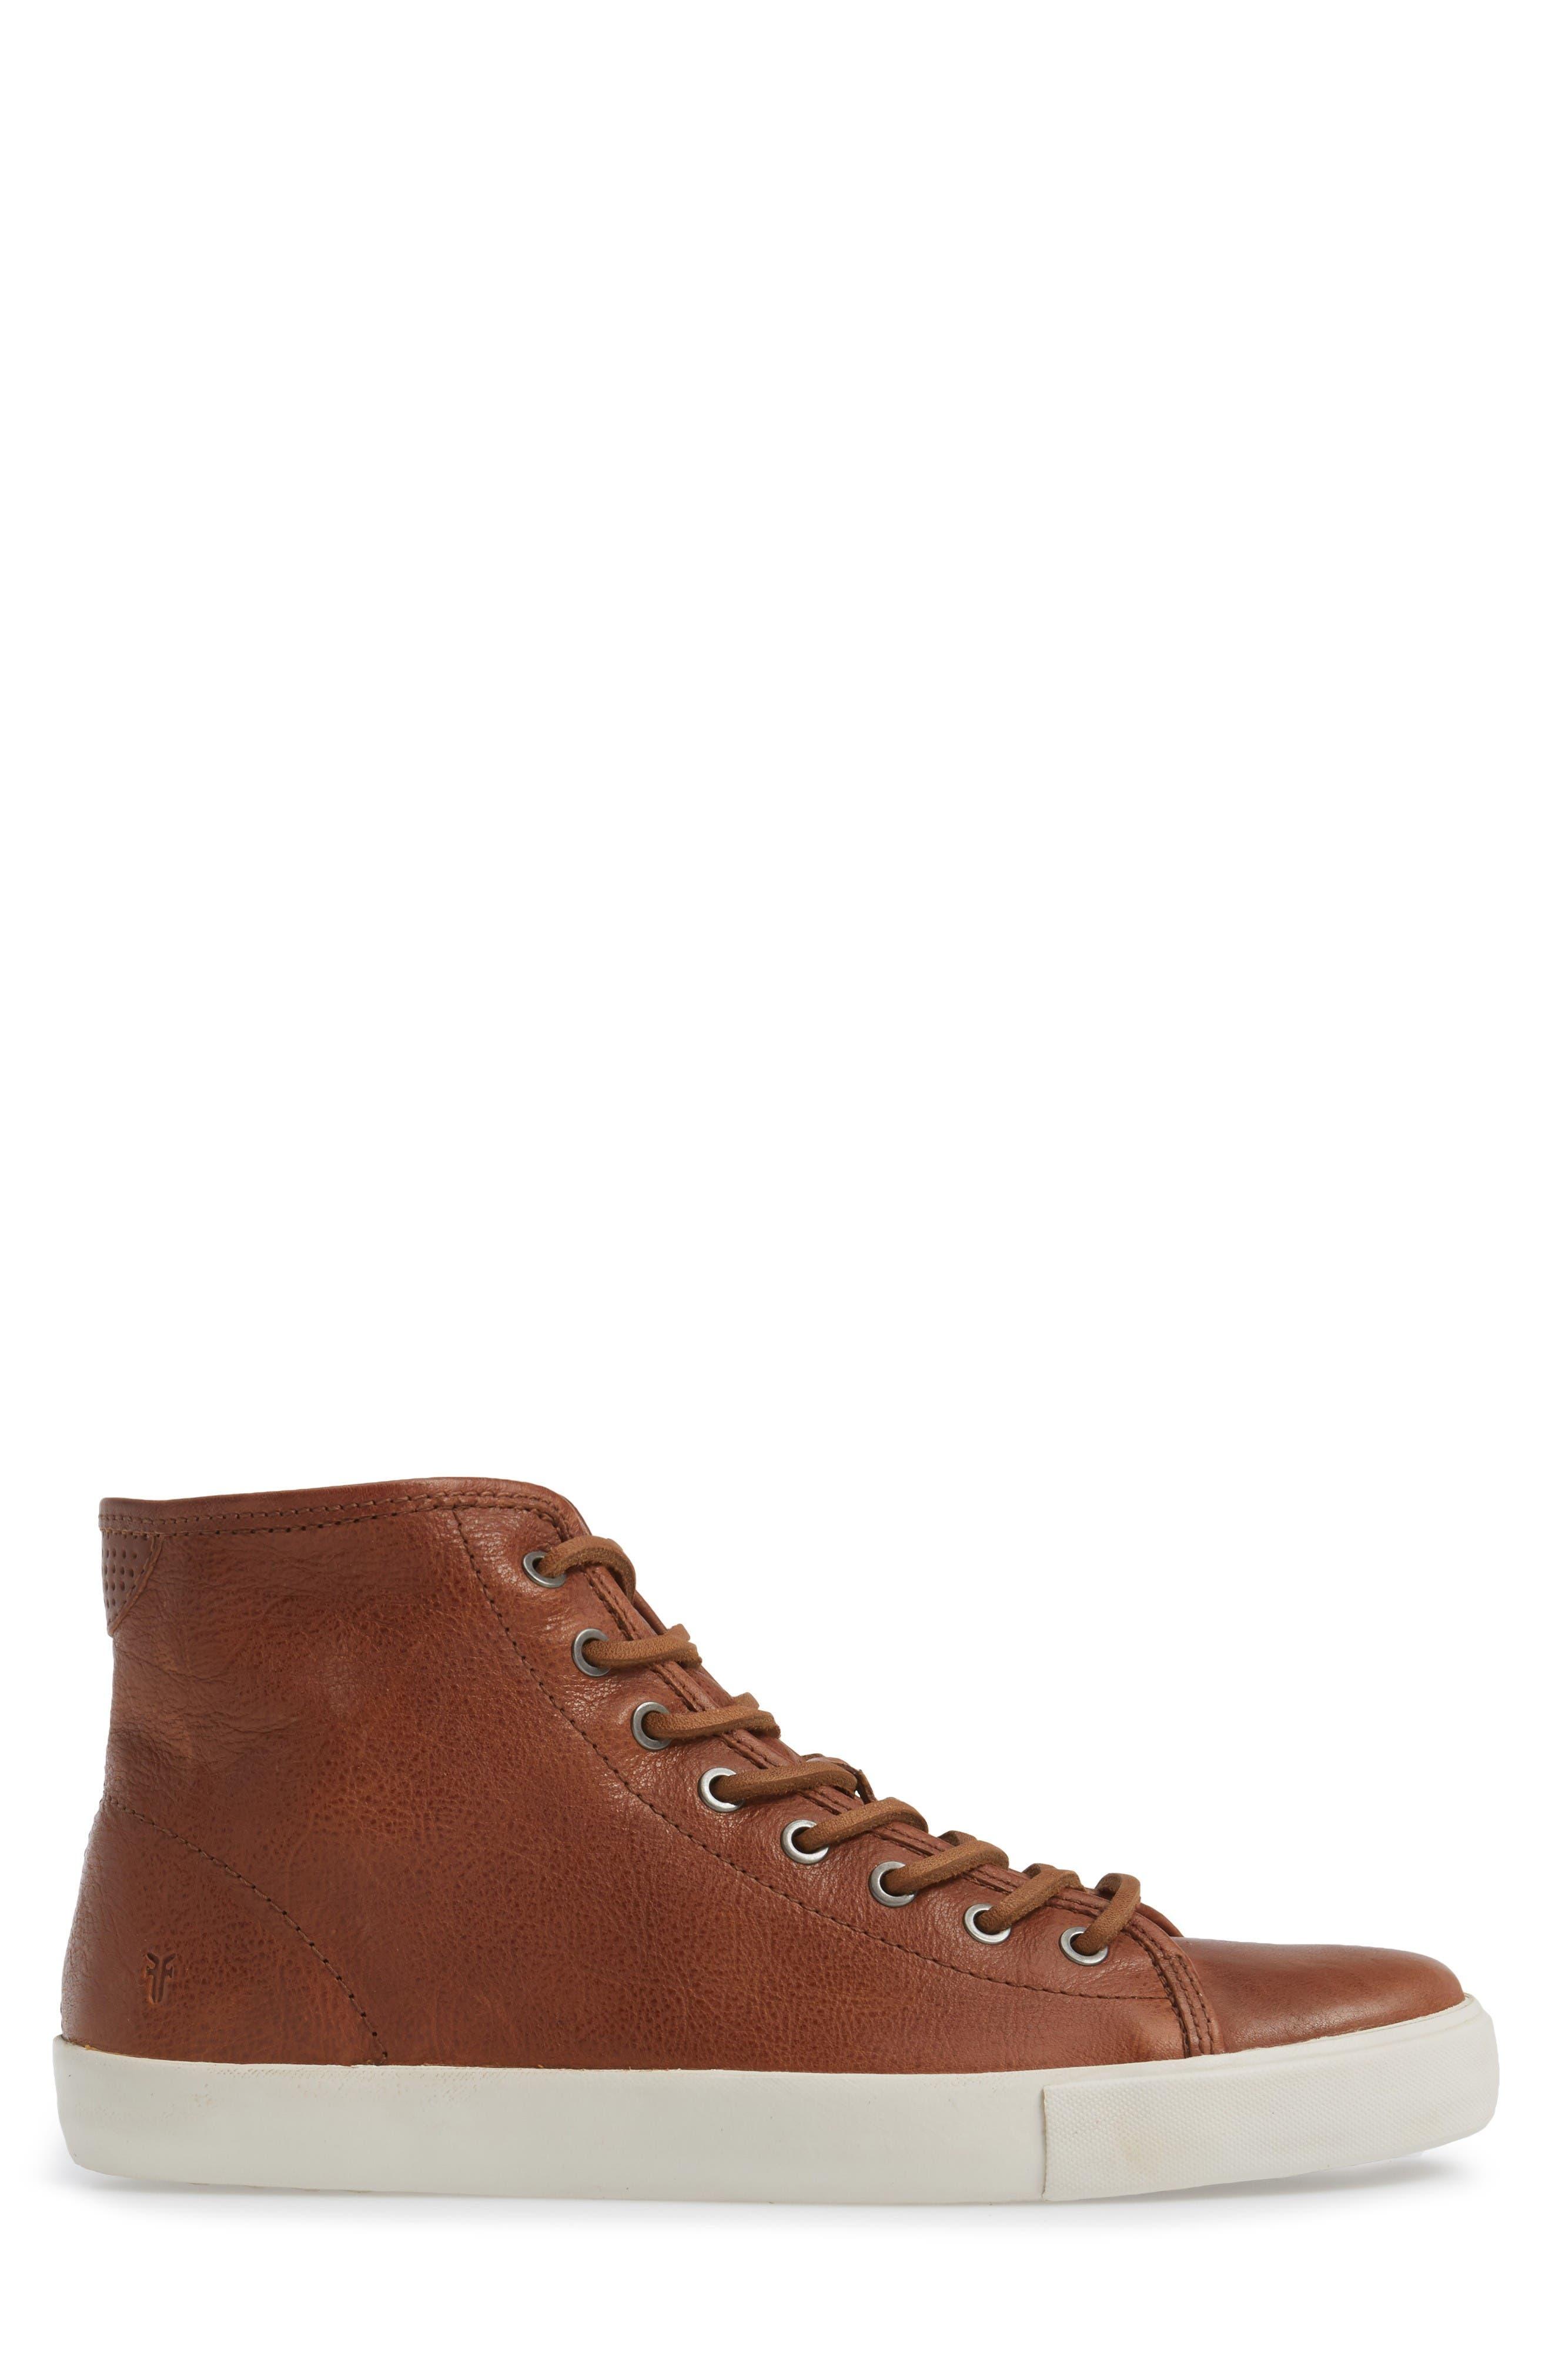 Brett High Top Sneaker,                             Alternate thumbnail 3, color,                             Copper